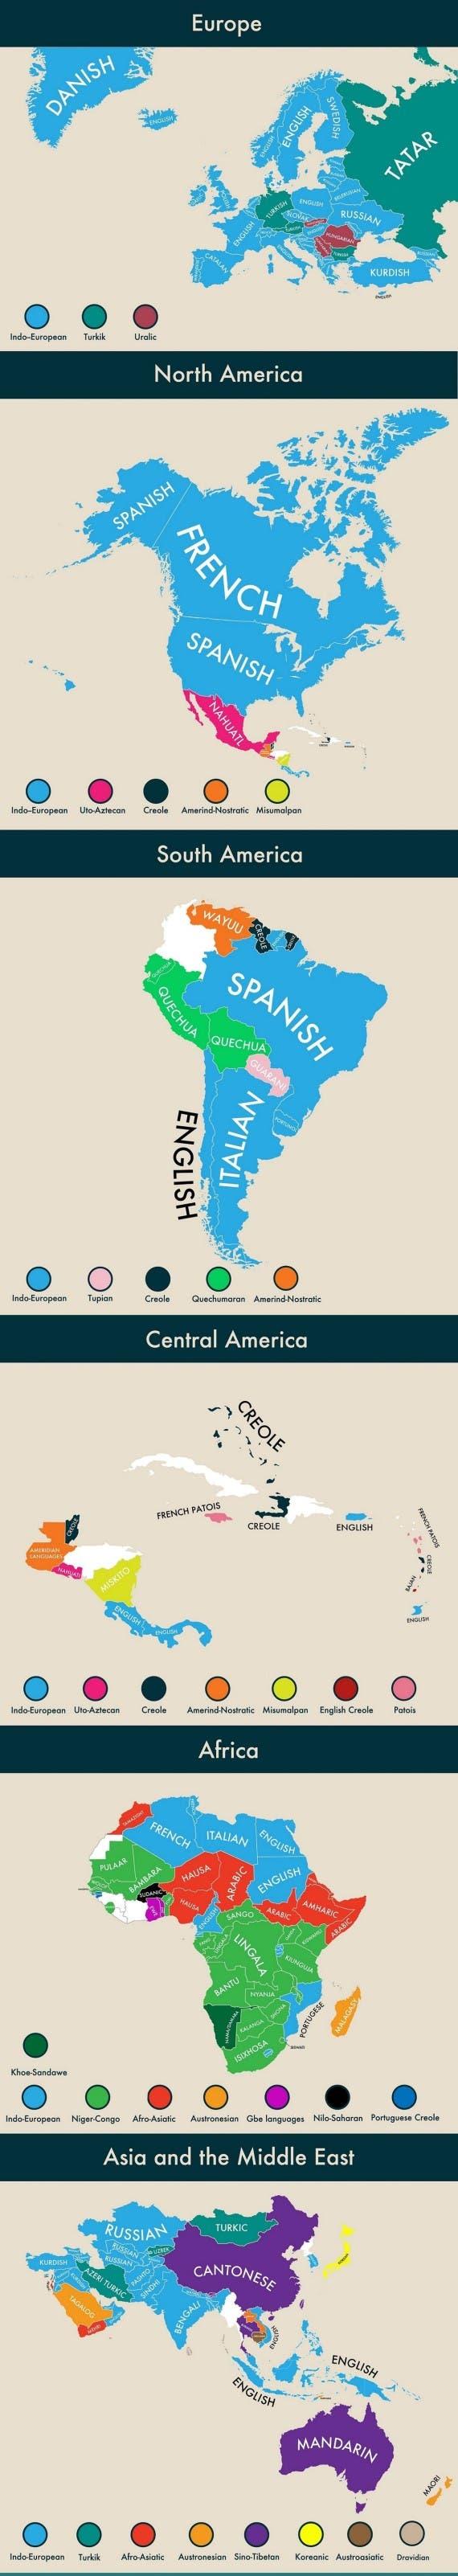 نقشه زبانهای دوم در قارههای مختلف جهان